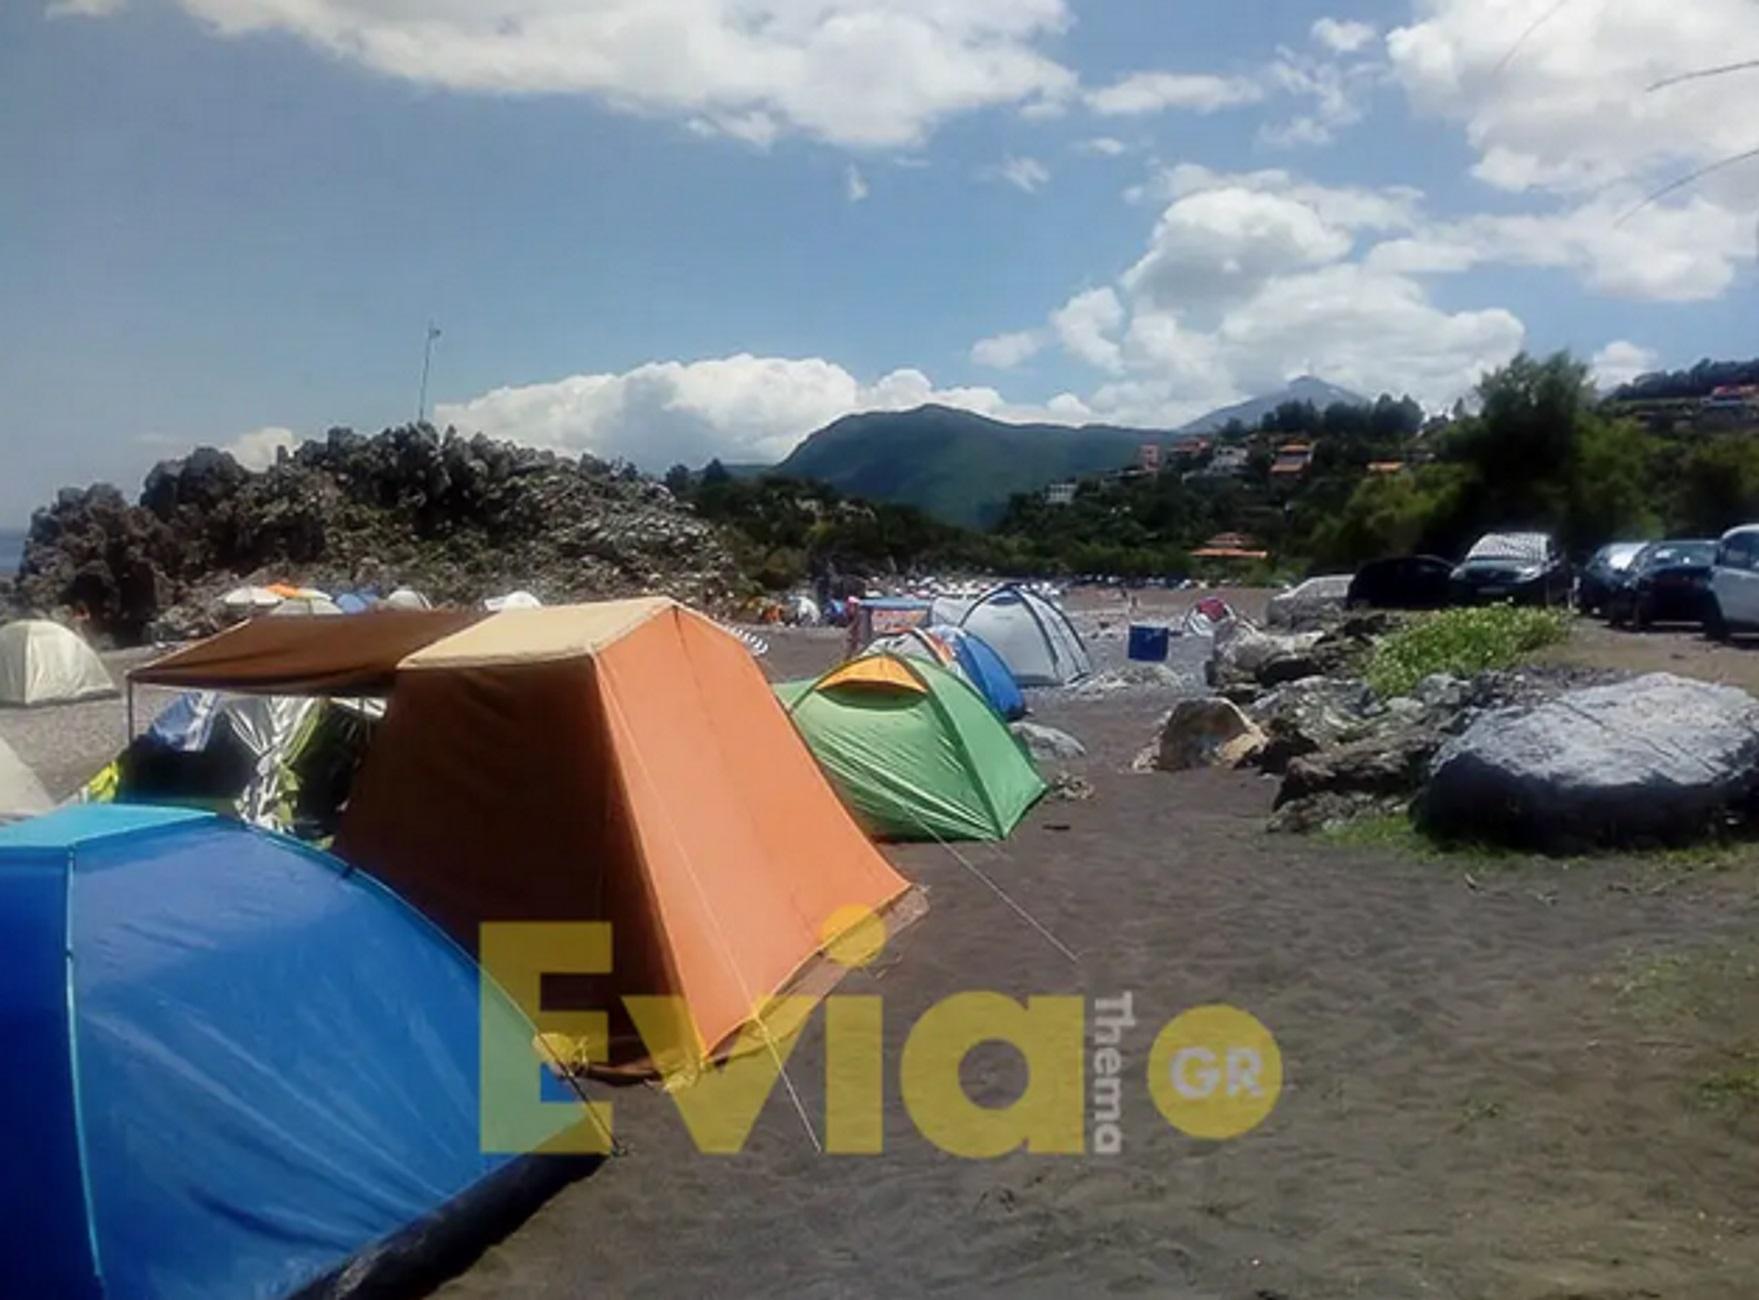 Εύβοια: Η παραλία που γέμισε σκηνές και έπηξε στον κόσμο! Το αδιαχώρητο από νωρίς το πρωί (Φωτό)